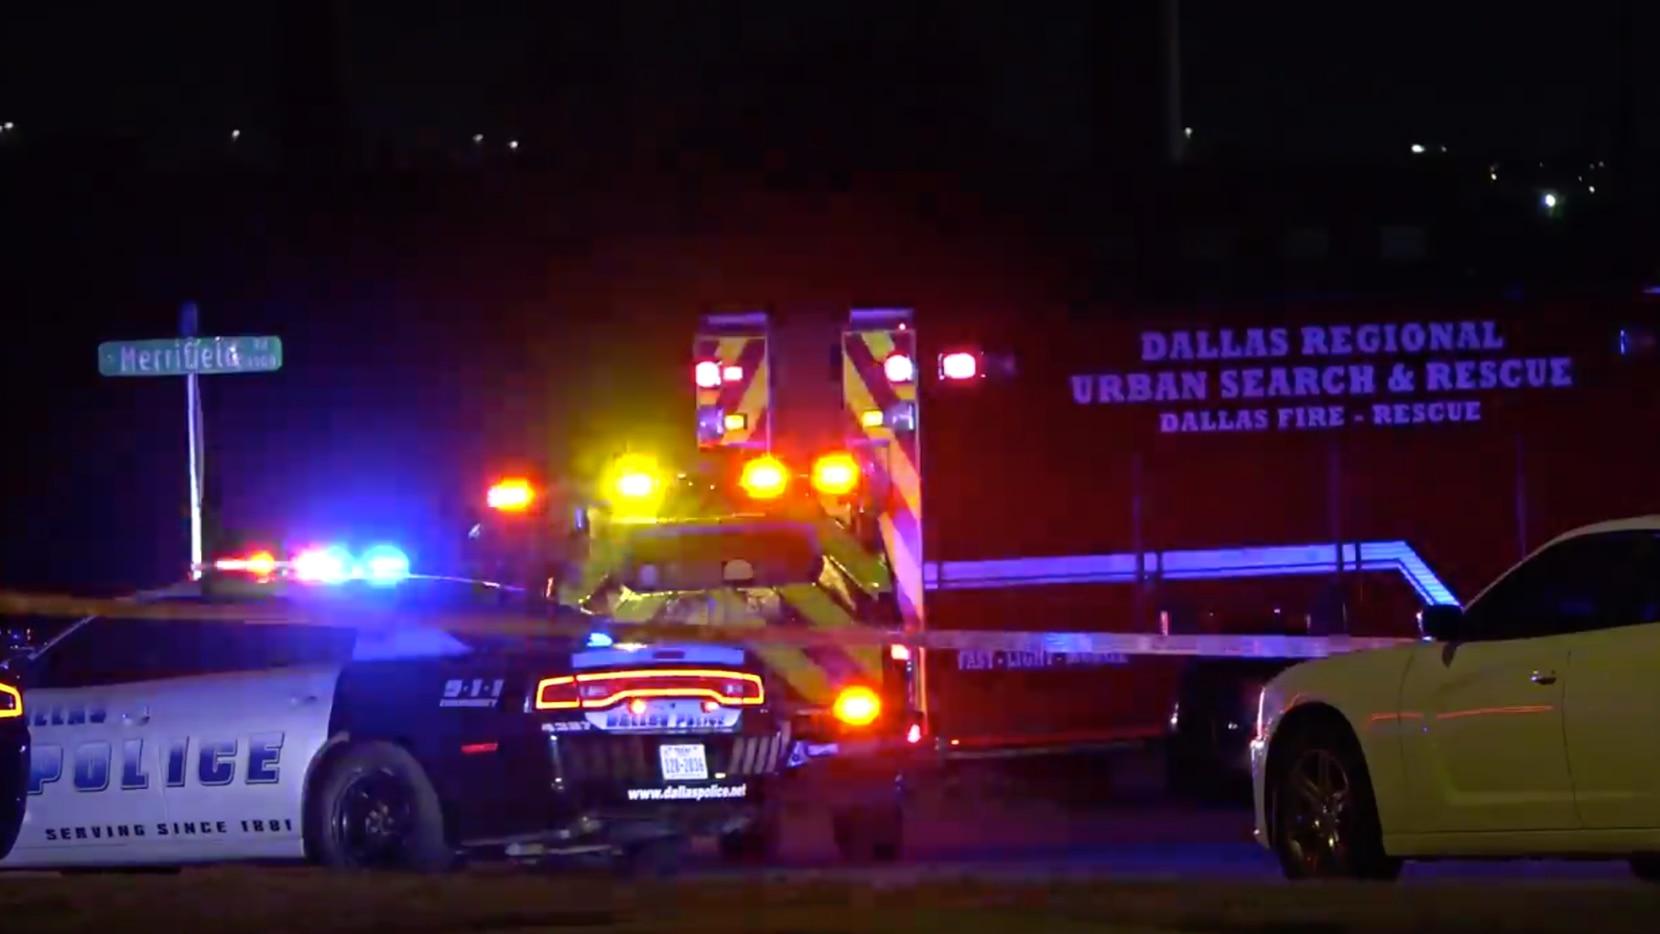 A Dallas police car and a Dallas Fire-Rescue ambulance at the scene of a fatal crash late Saturday in southwestern Dallas.